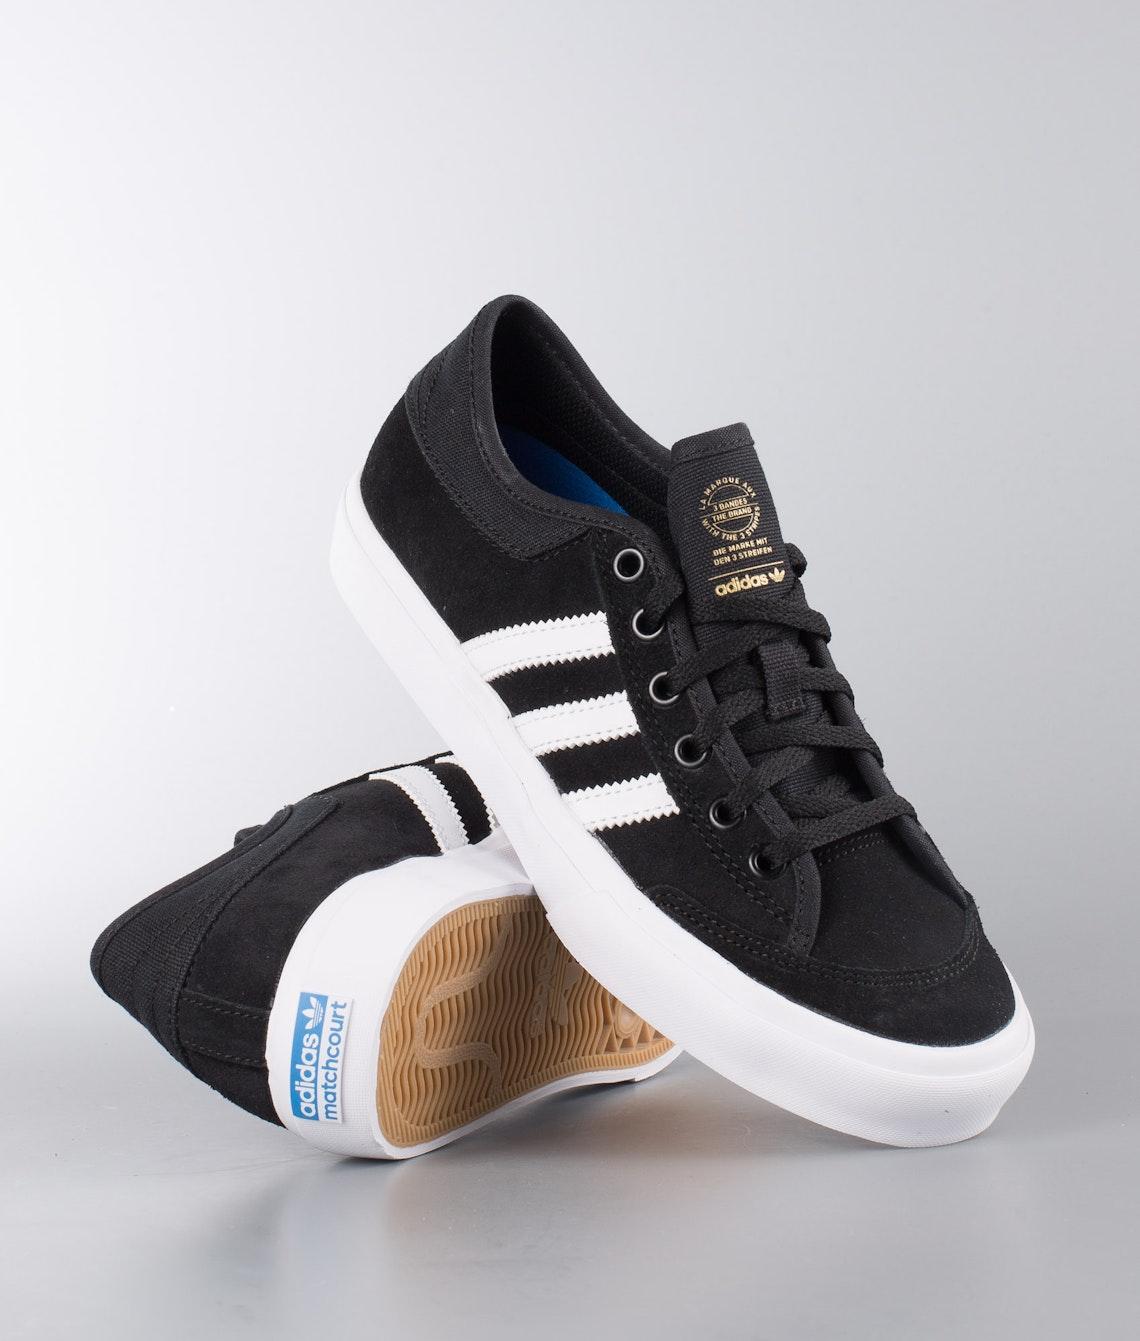 Adidas Skateboarding Shoes 5